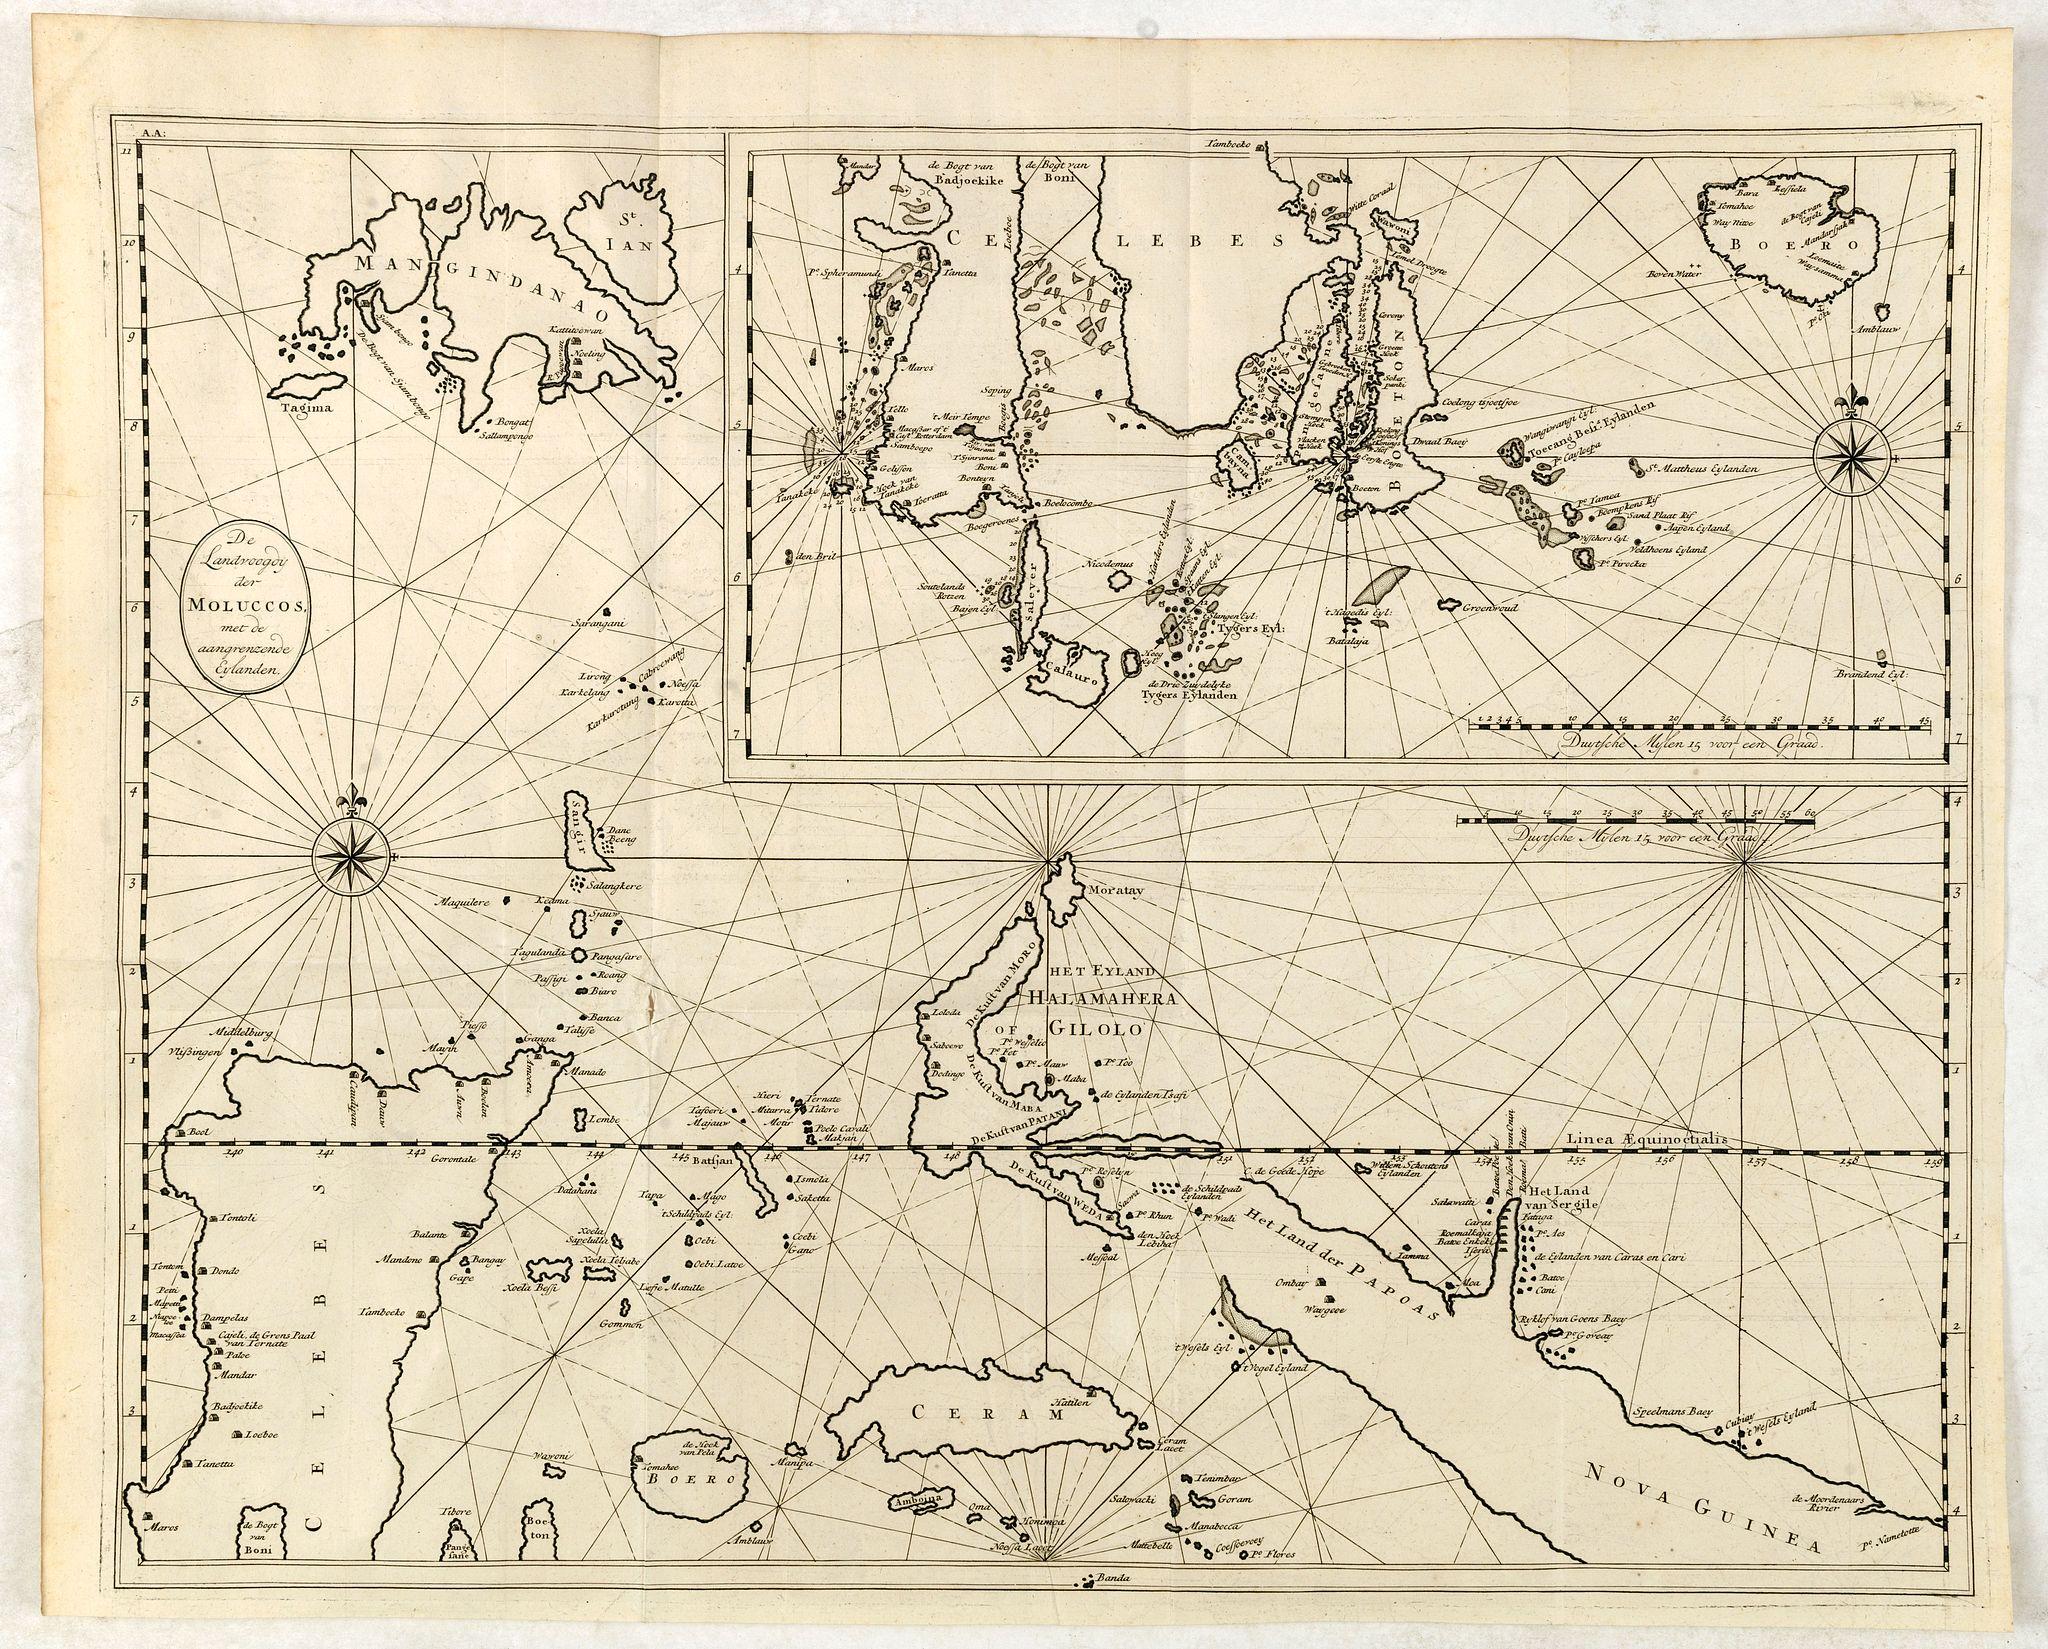 VALENTIJN, F. -  De Landvoogdy der Moluccos met de Aangrenzende Eylanden . . .